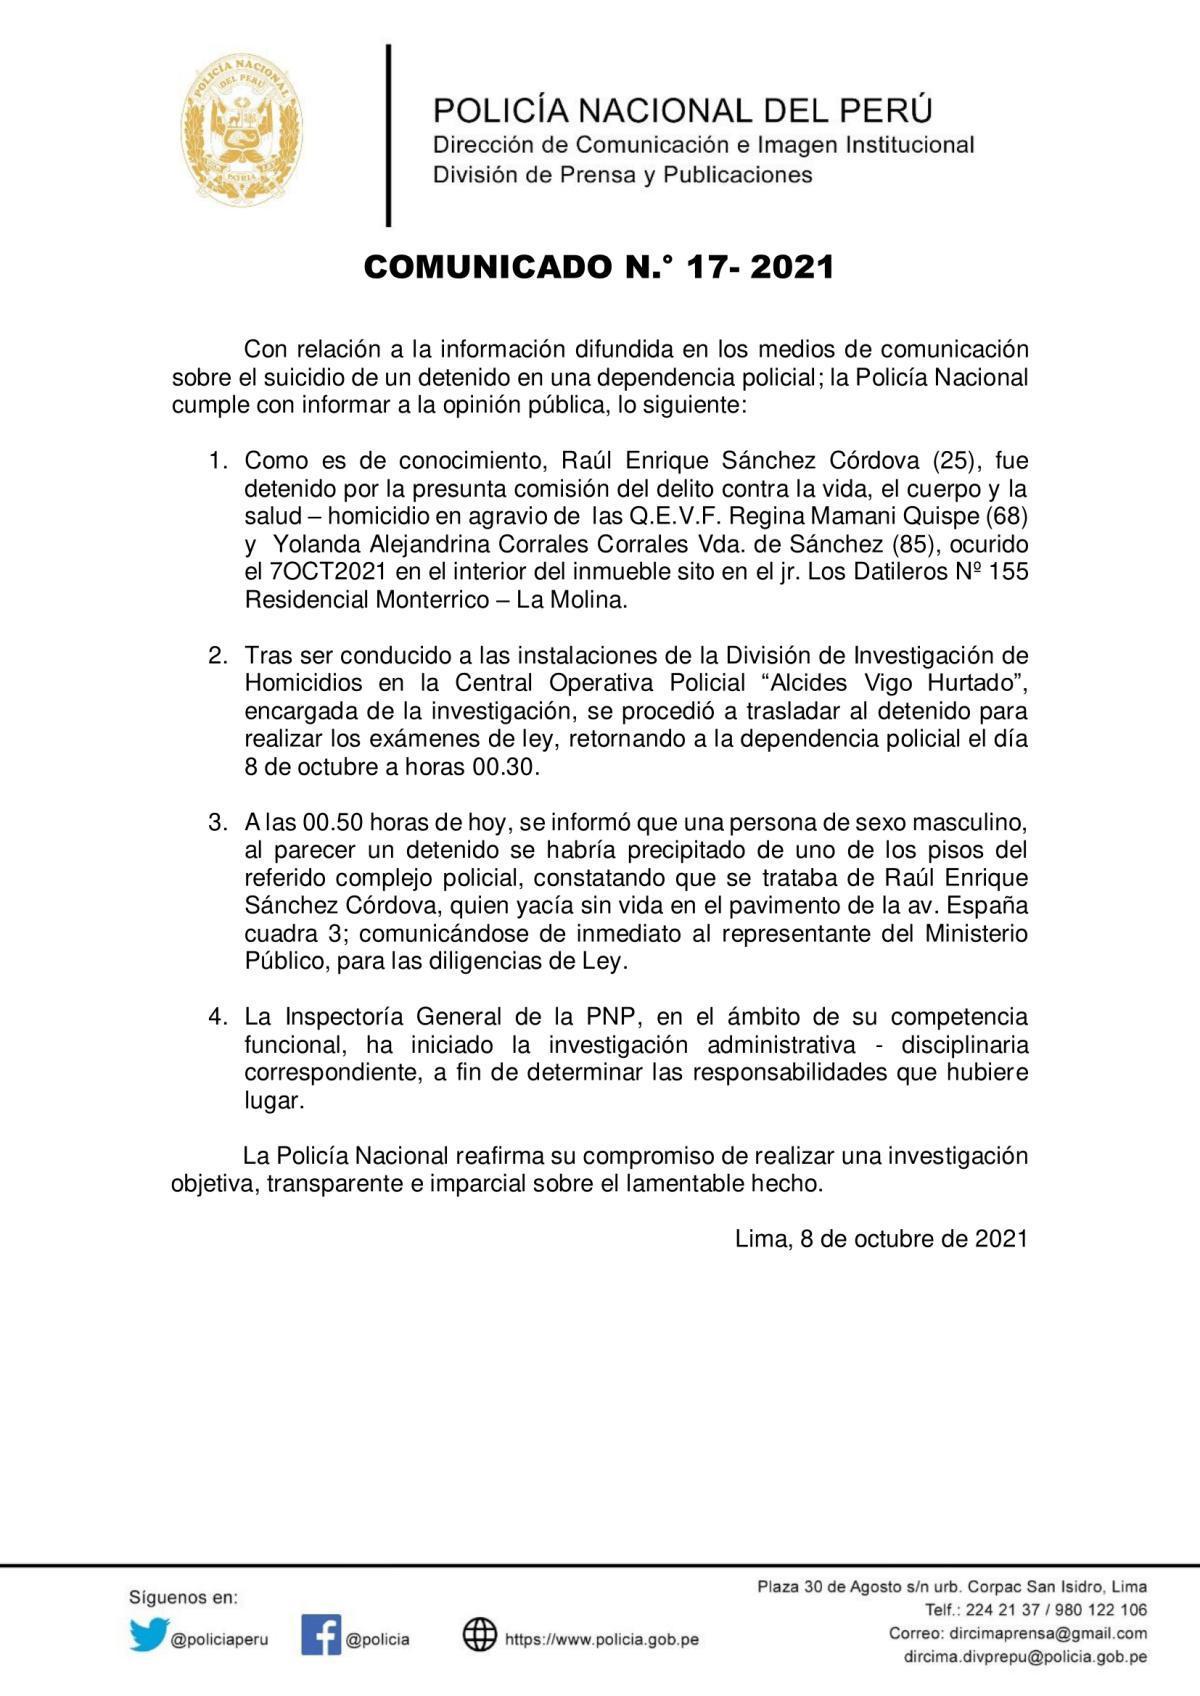 COMUNICADO PNP